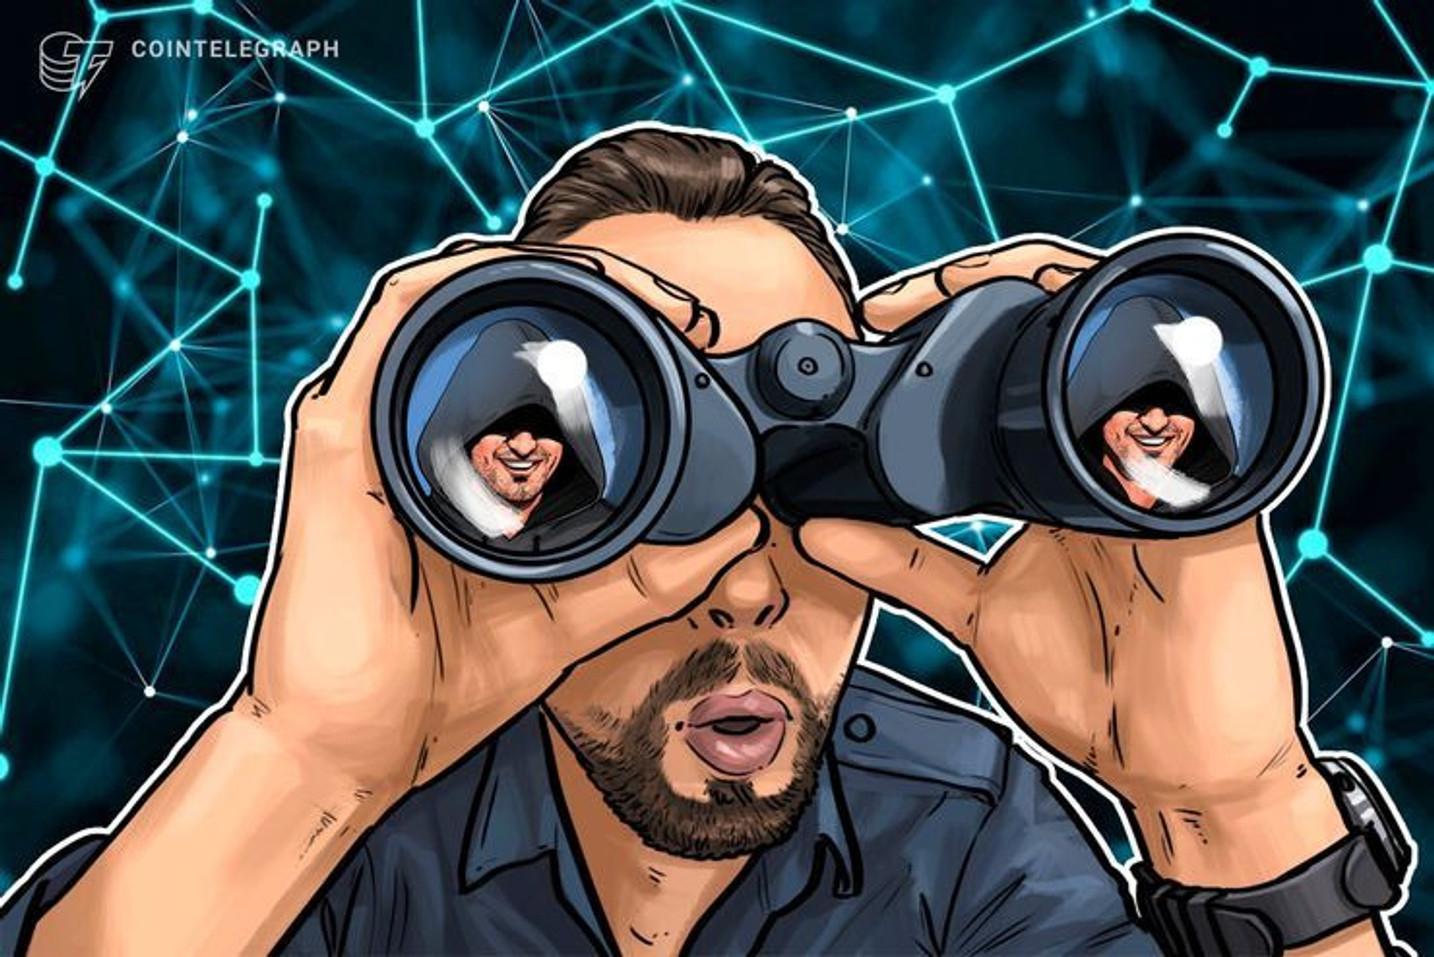 Resolver el problema de noticias falsas se vuelve cada vez más urgente. ¿Blockchain al rescate?